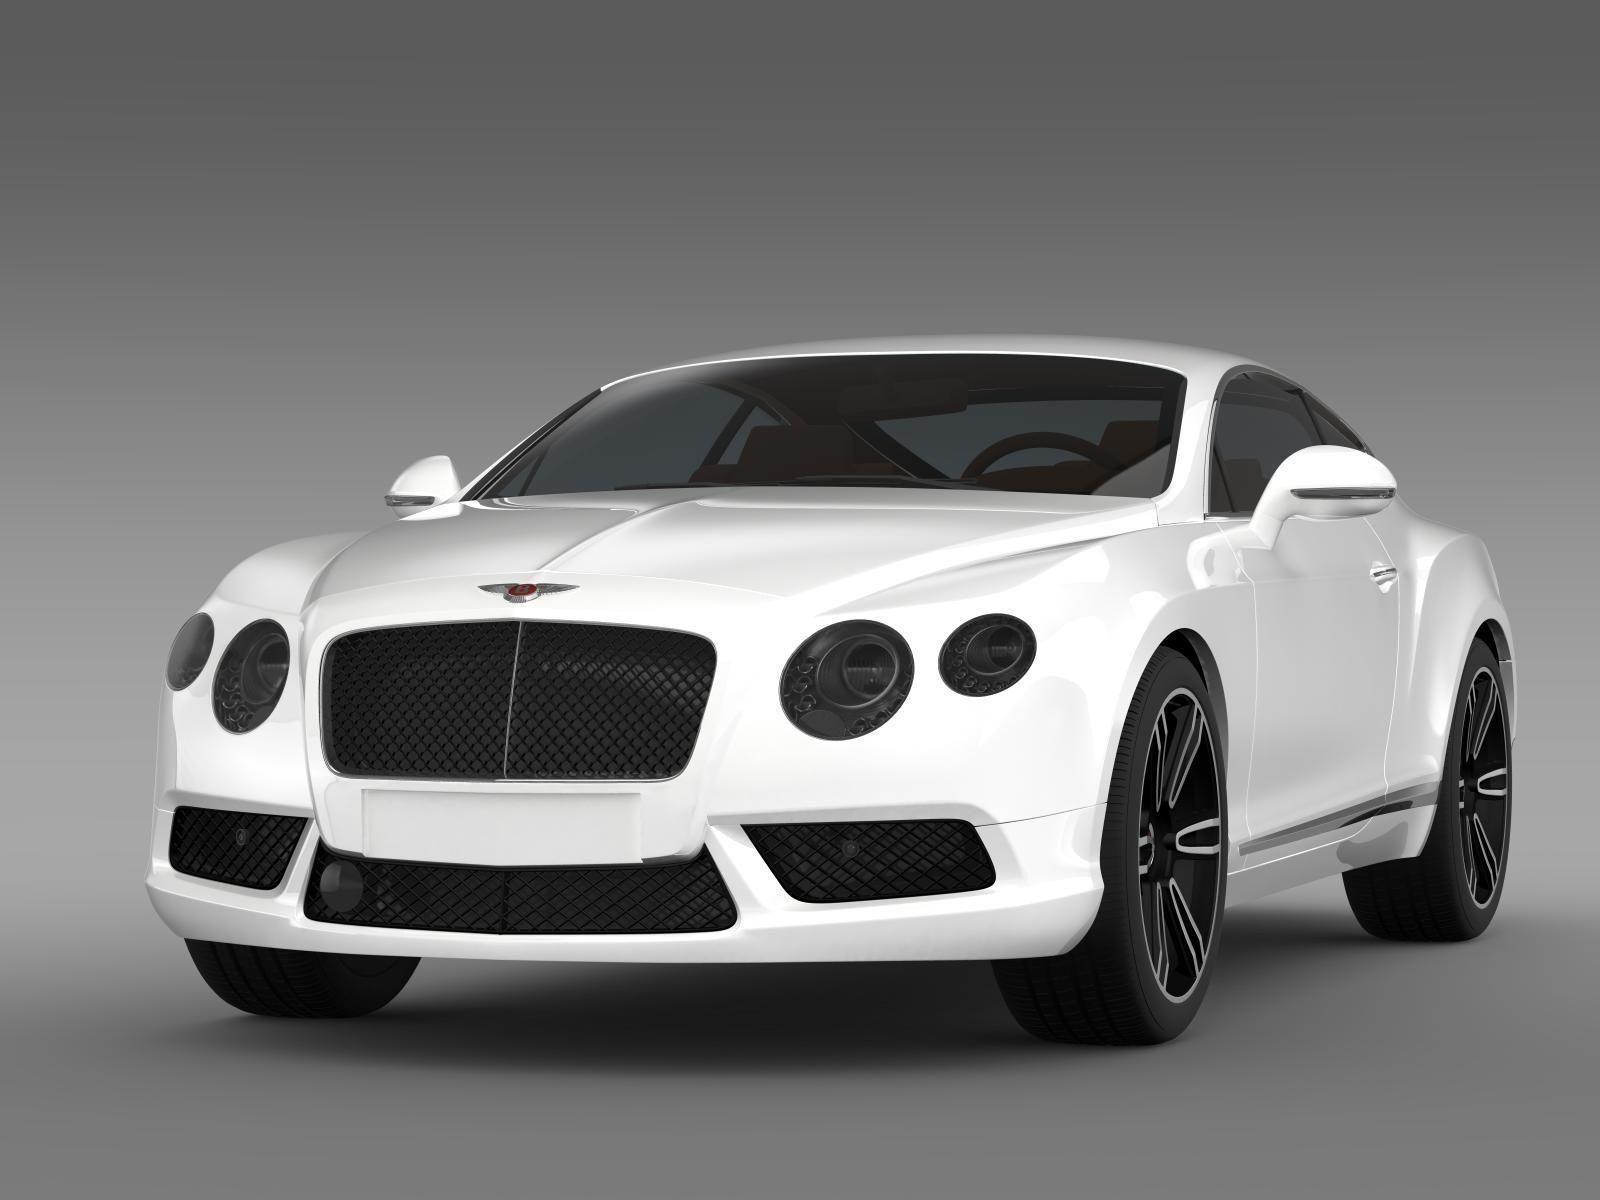 Bentley continental gt v8 2013 3d model max obj 3ds fbx c4d lwo lw lws bentley continental gt v8 2013 3d model max obj 3ds fbx c4d lwo lw lws 2 vanachro Image collections